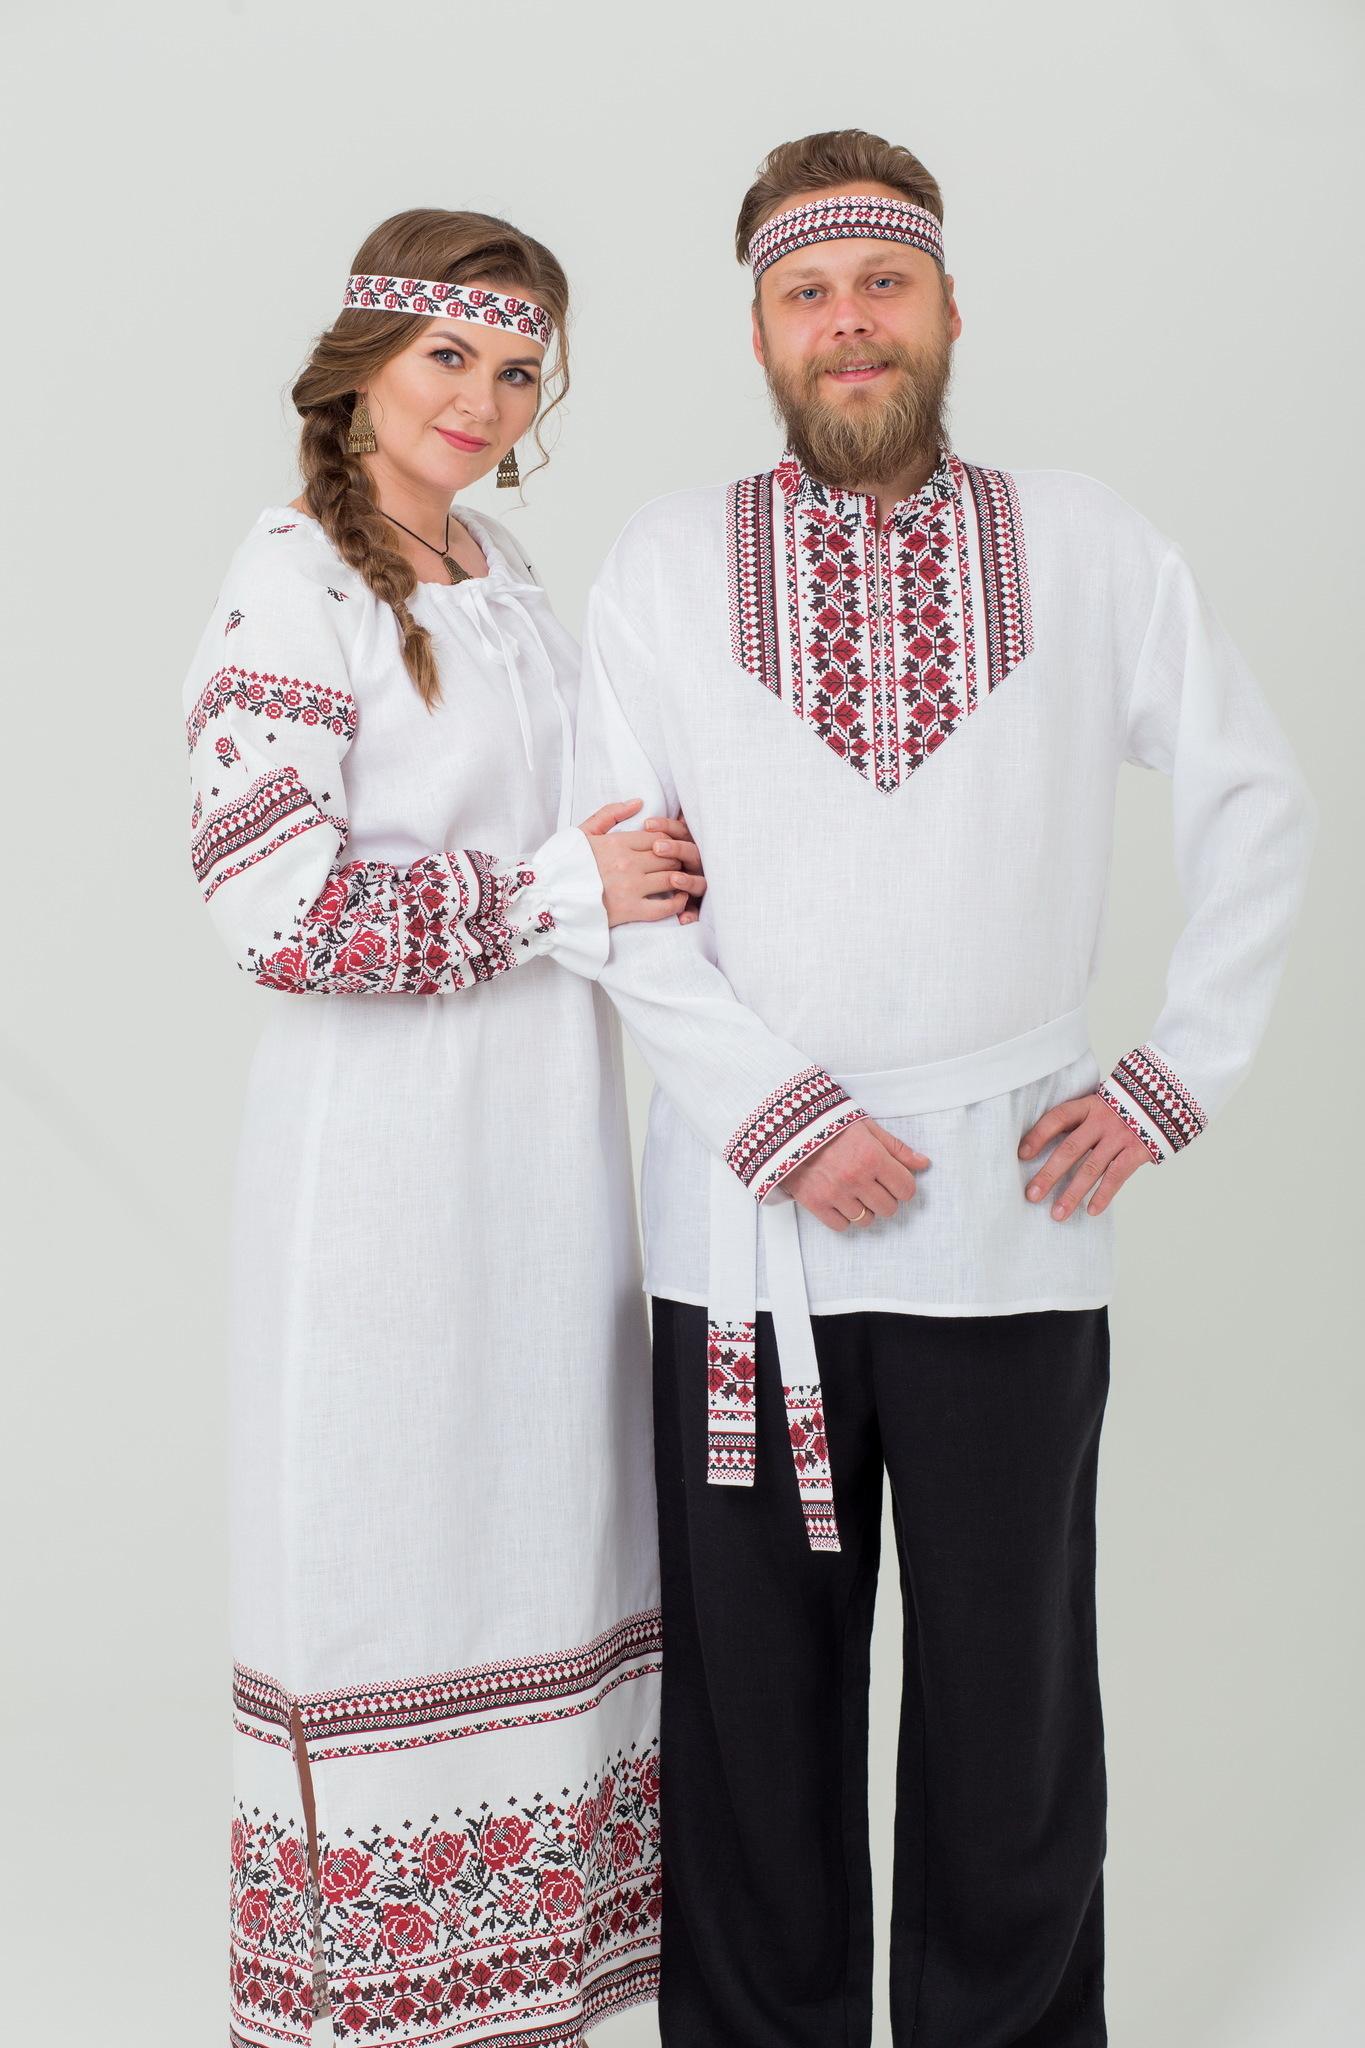 Платье Женское счастье и Рубаха Мужская сила